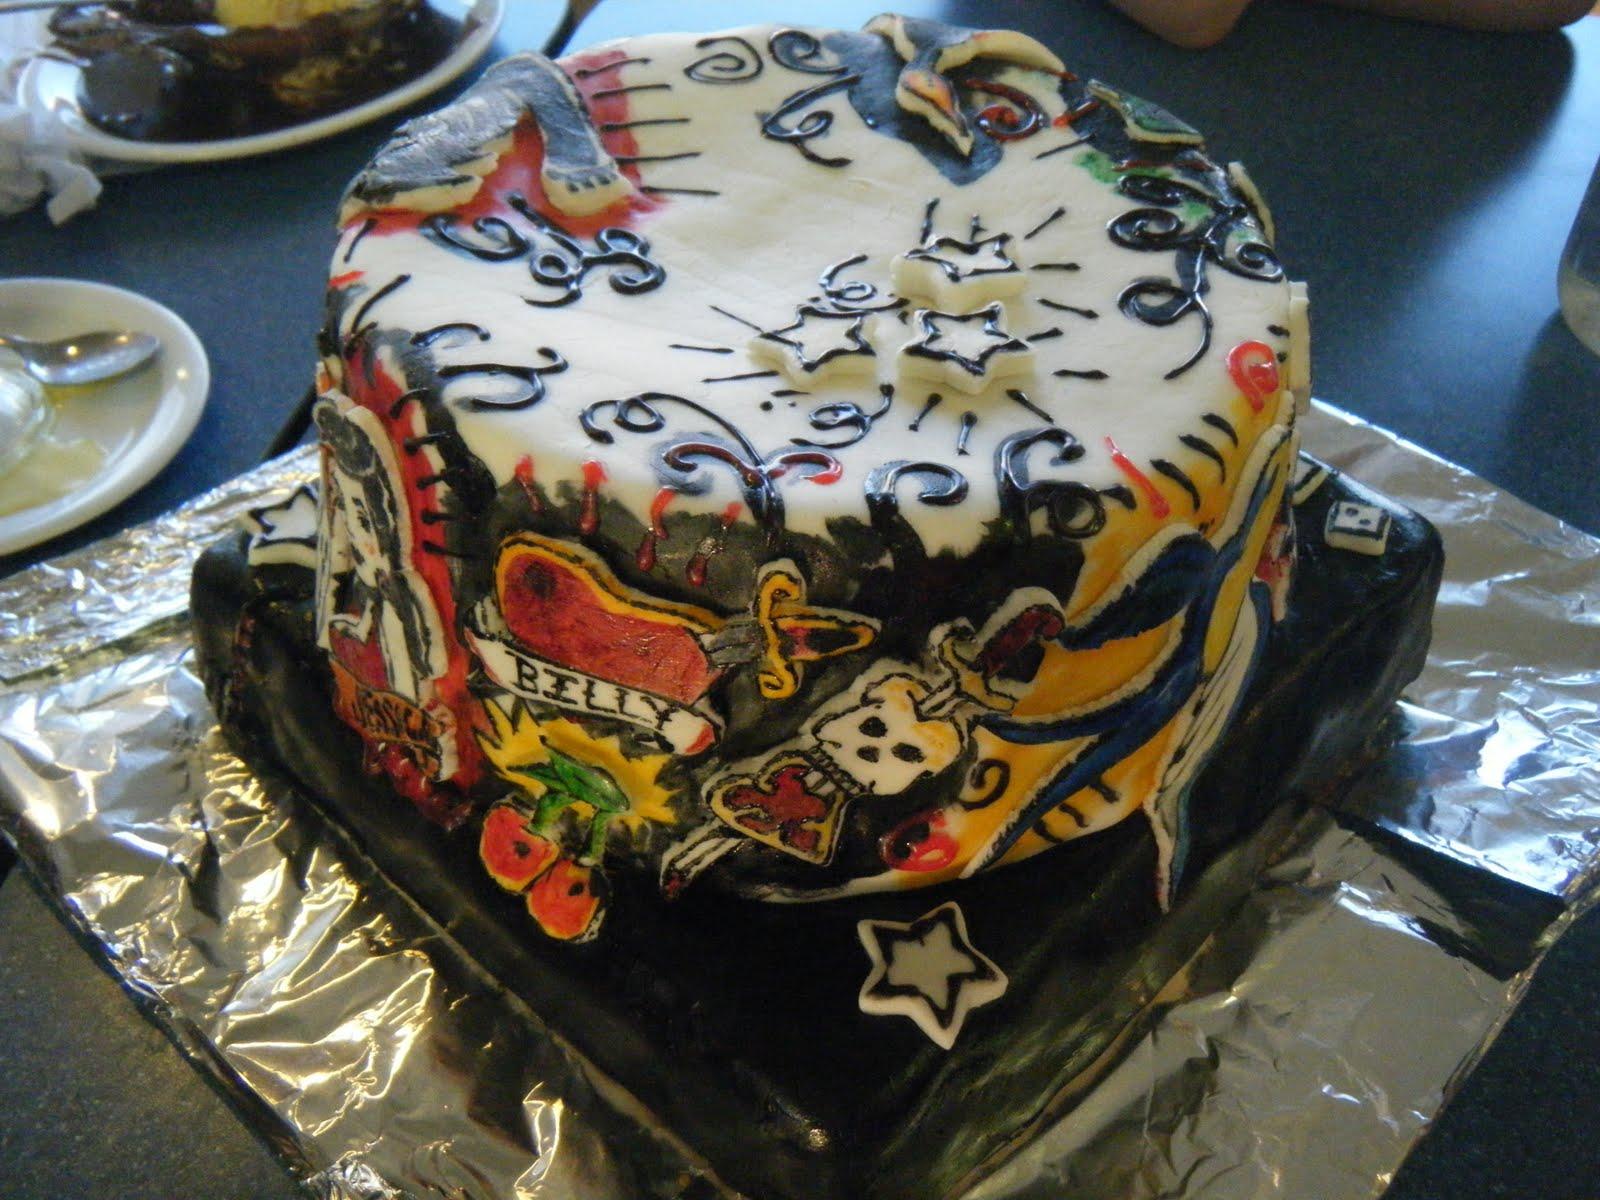 Circus Cakes: The Tattoo Cake